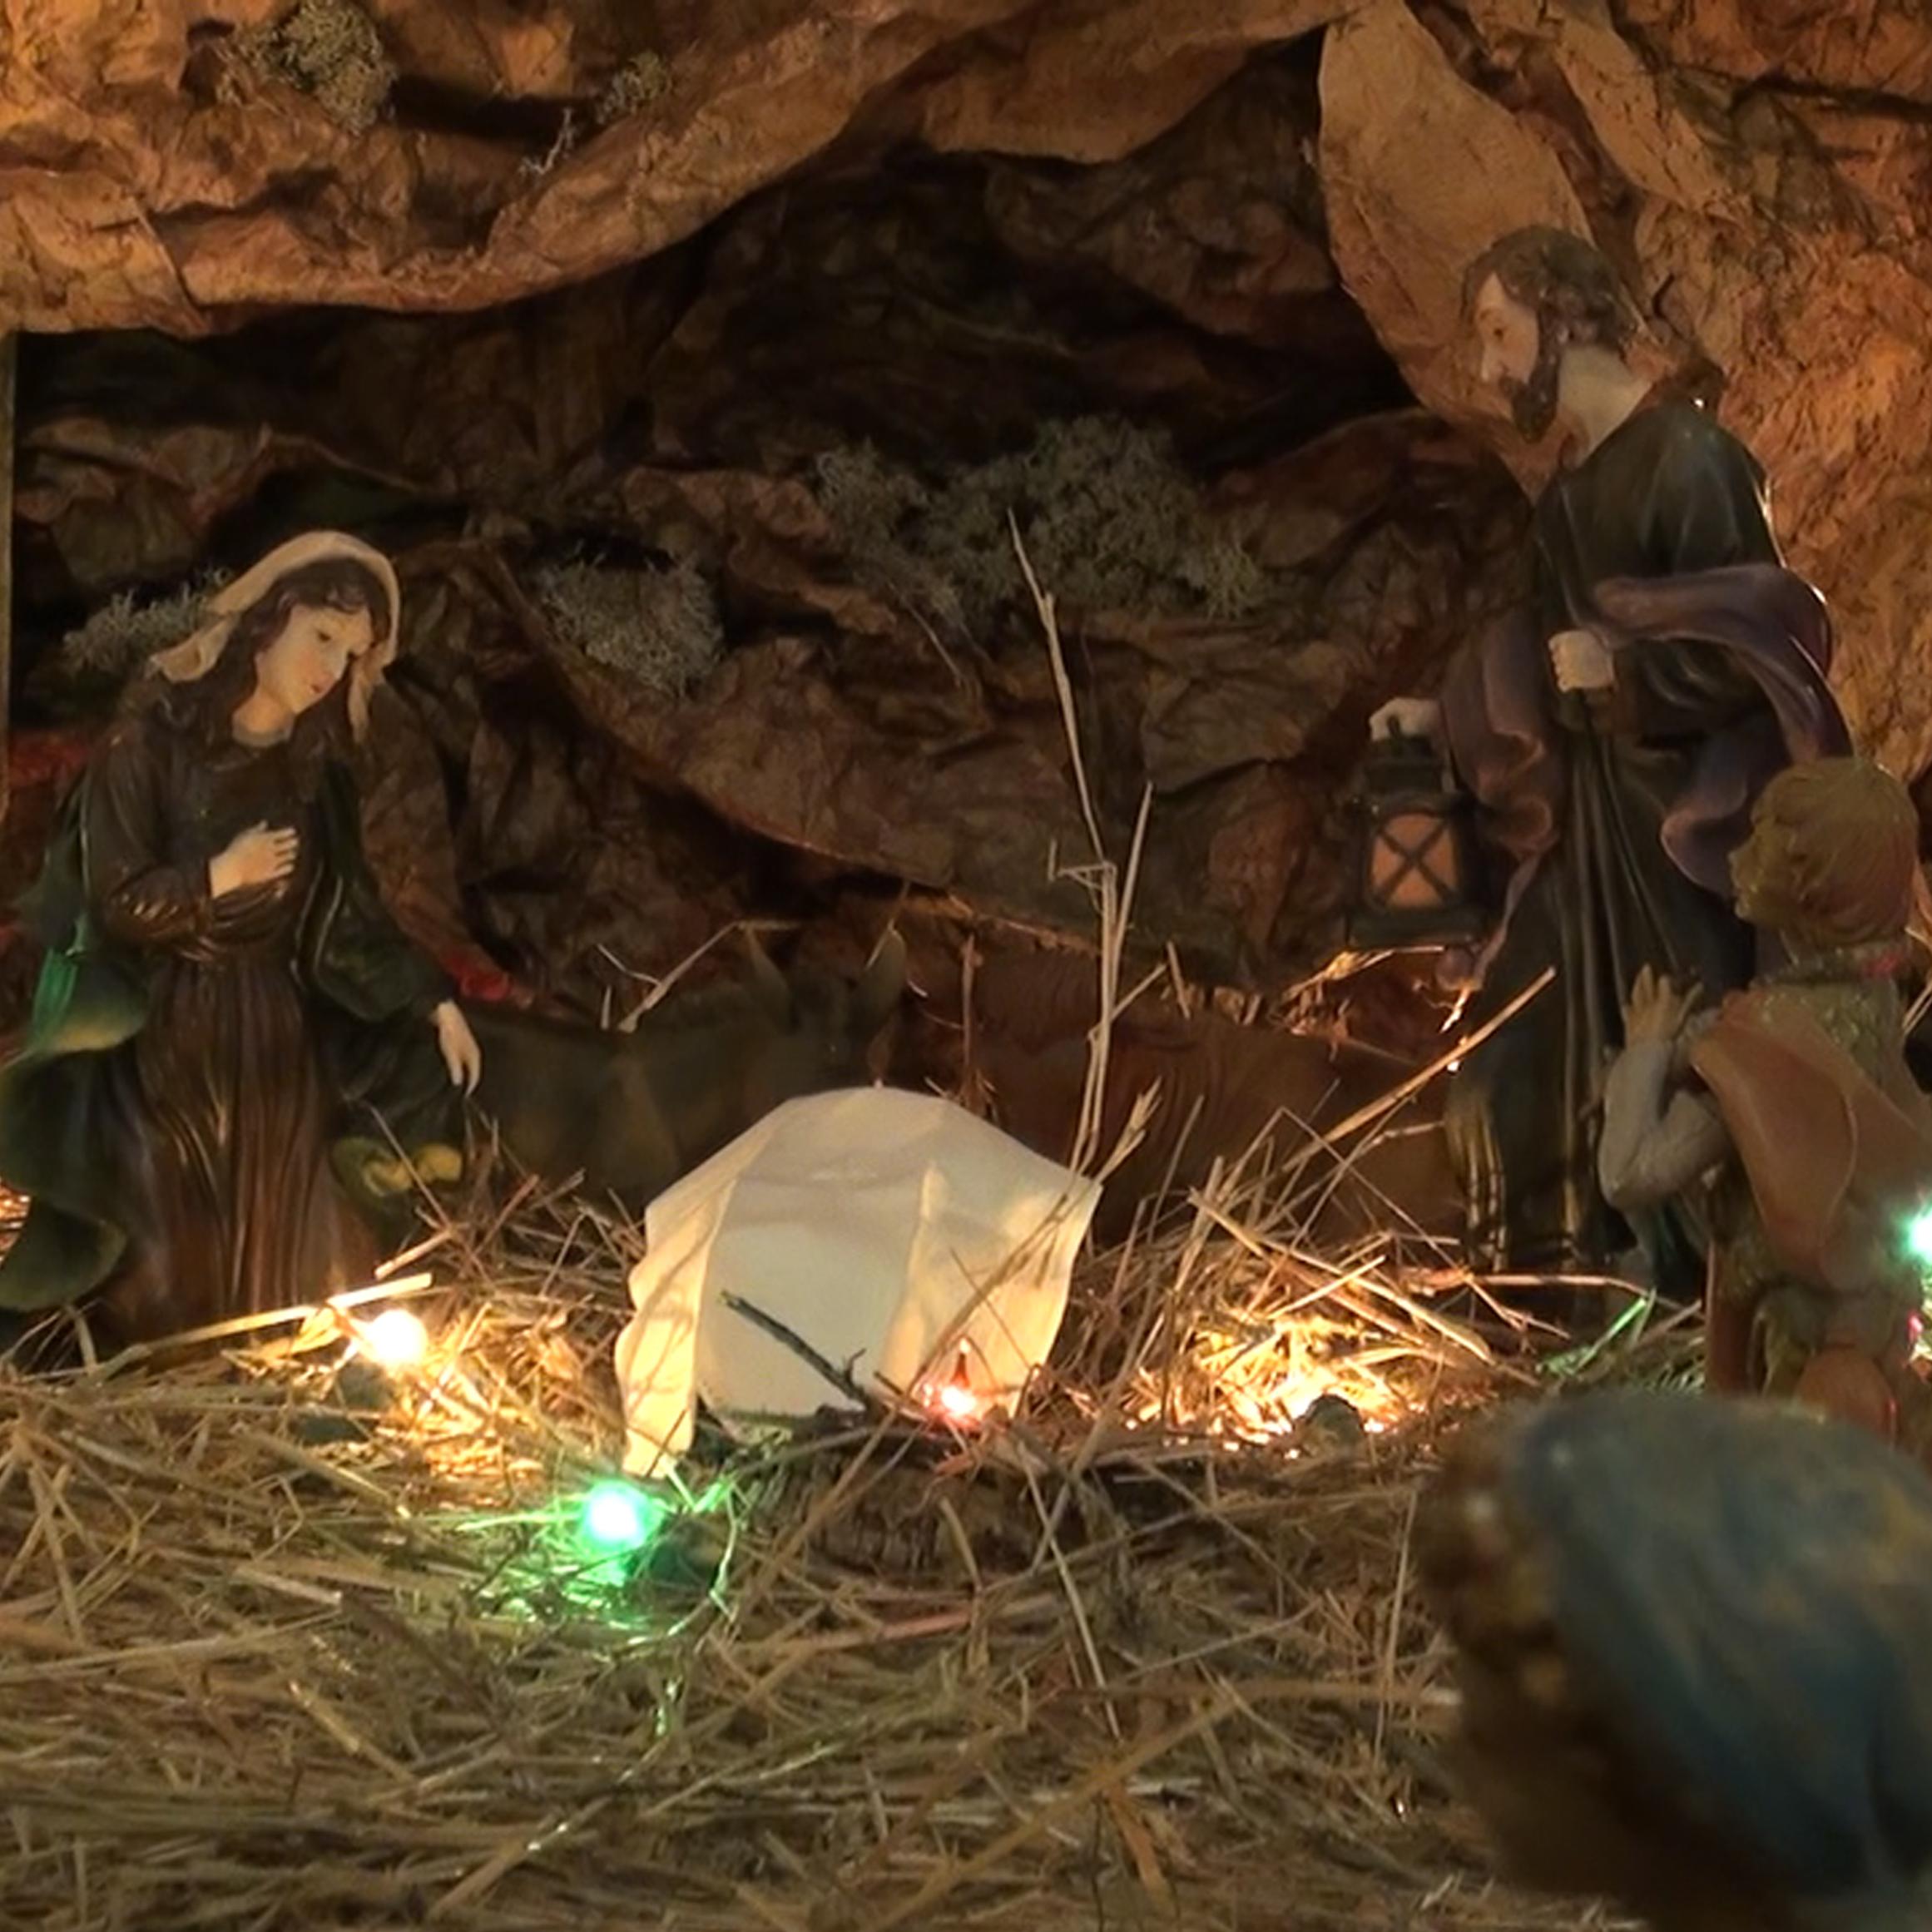 Chiesa stracolma per il concerto natalizio dei giovanissimi